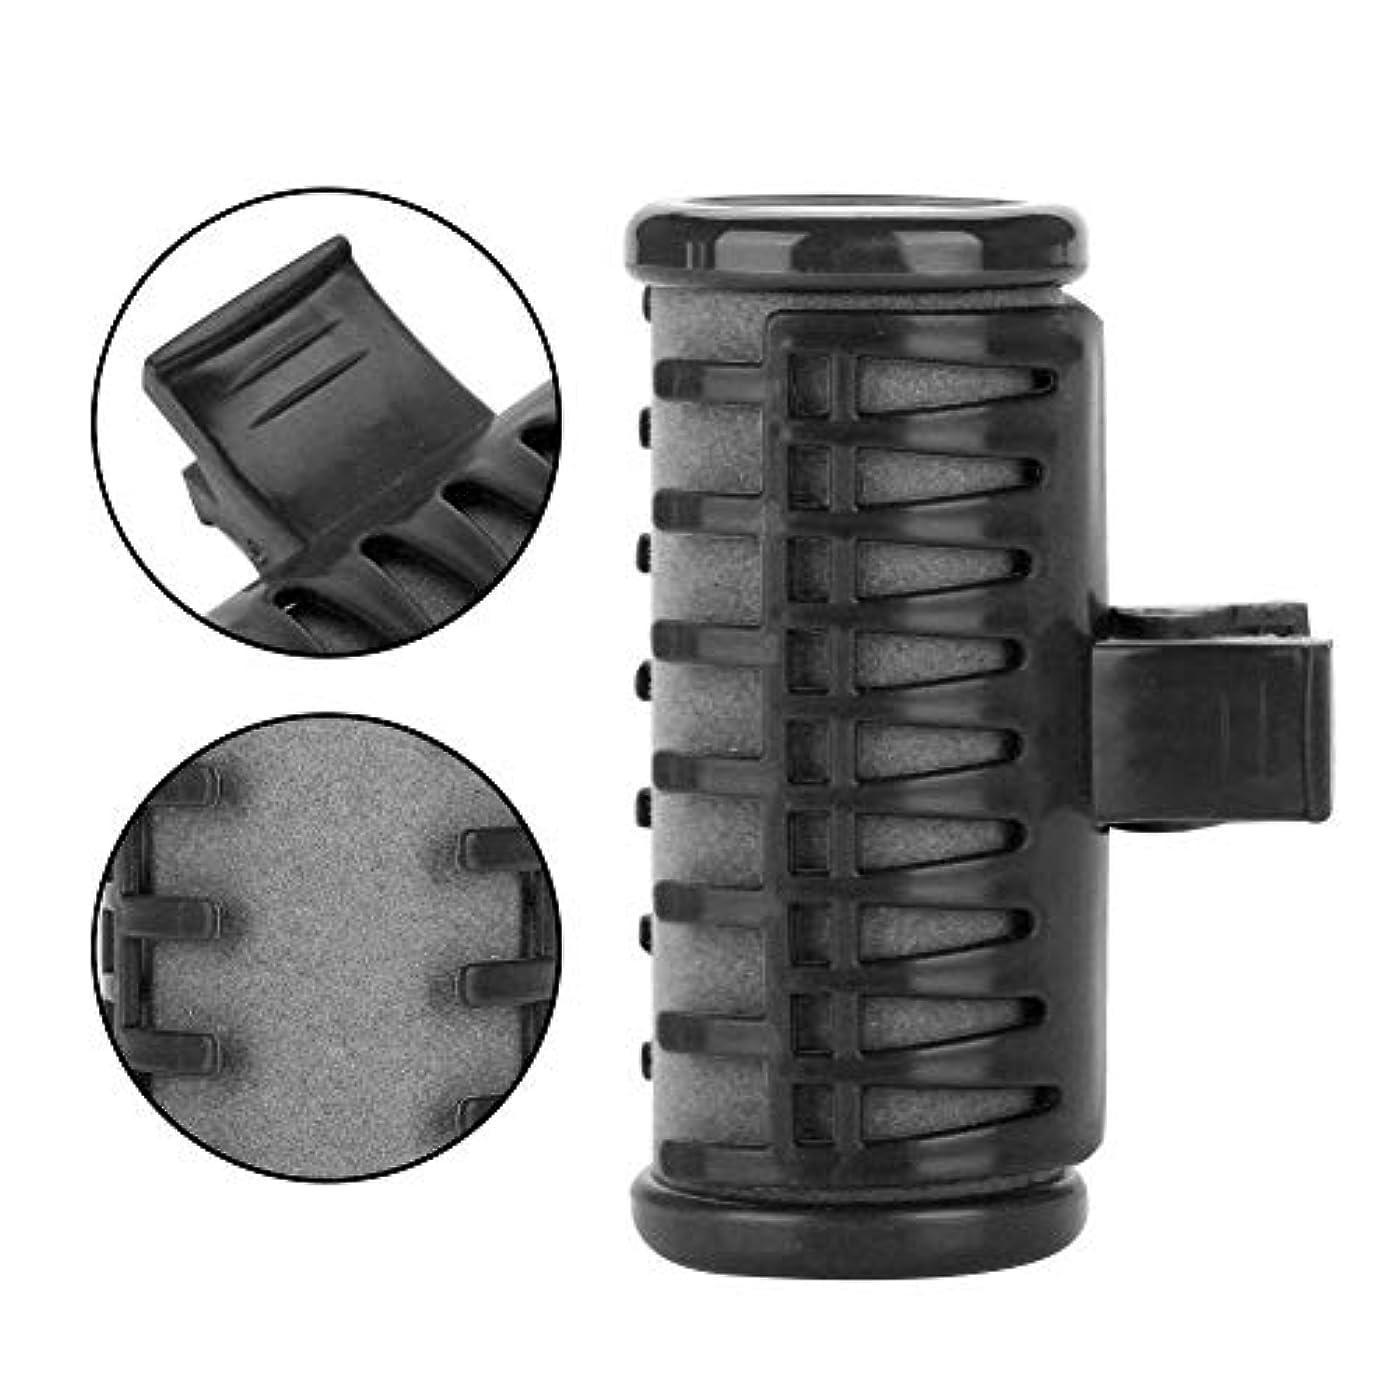 上流の倉庫伝記充電式ヘアカーラーローラー USB ワイヤレスホットヘアローラーシースルーバングスヘアスタイラーミニヘアカーラー(ブラック)